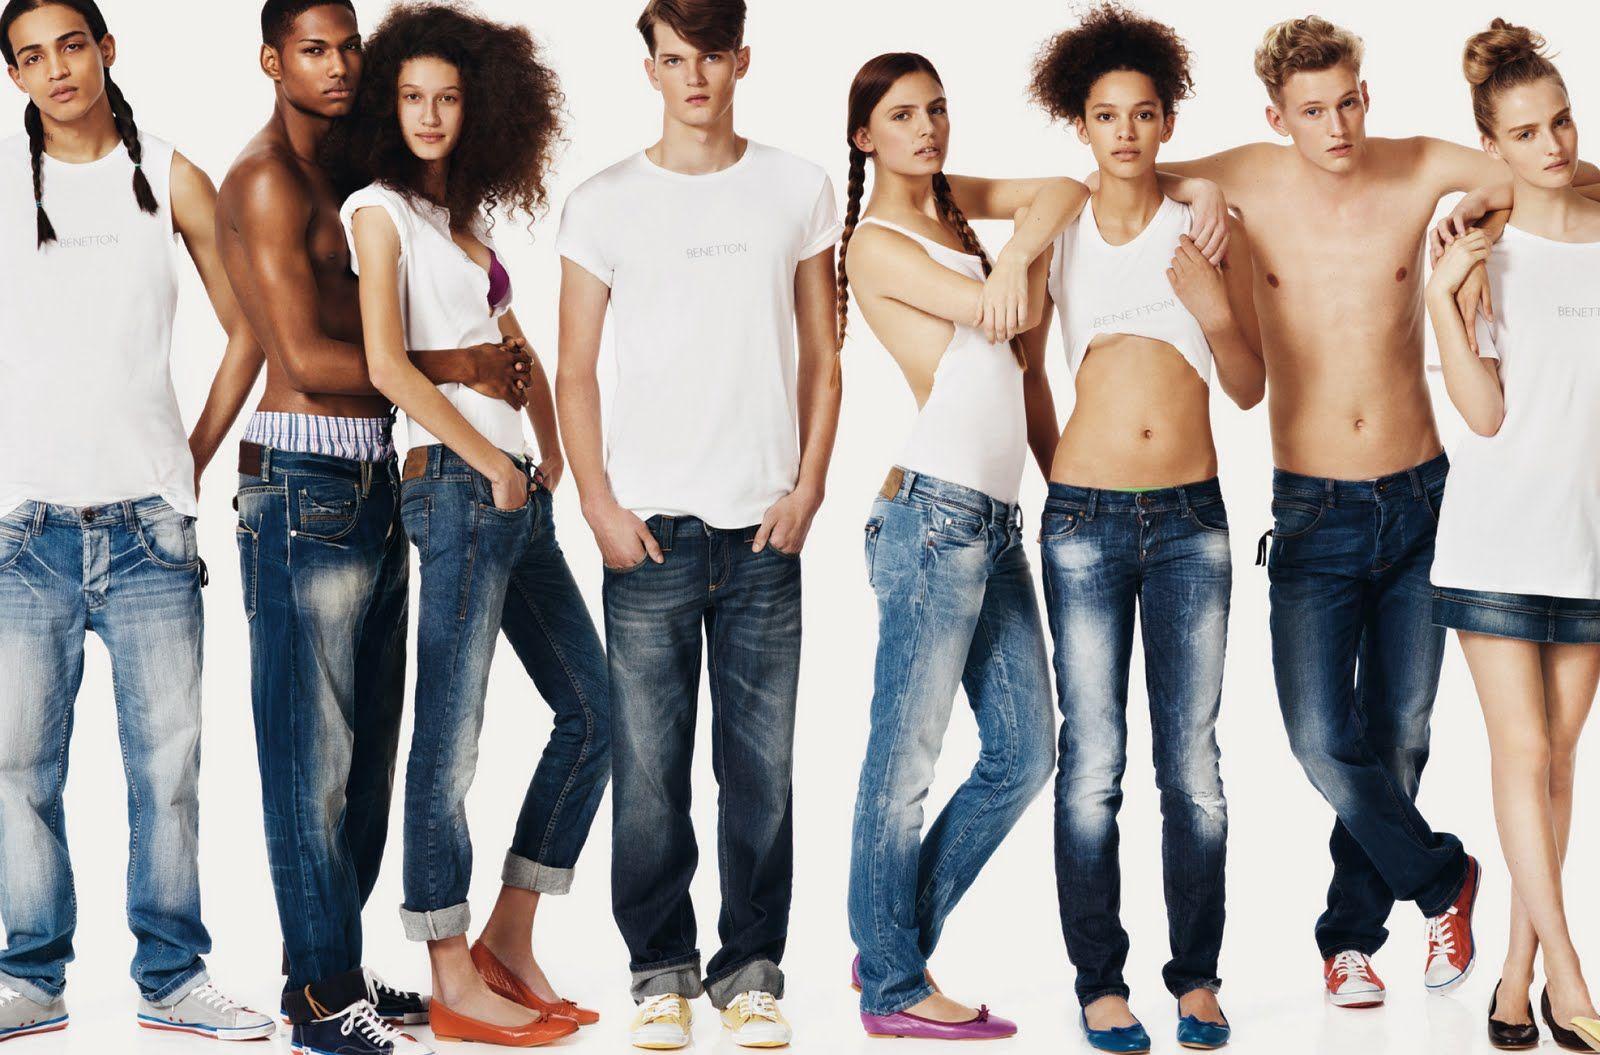 шары джинсы реклама картинки мама